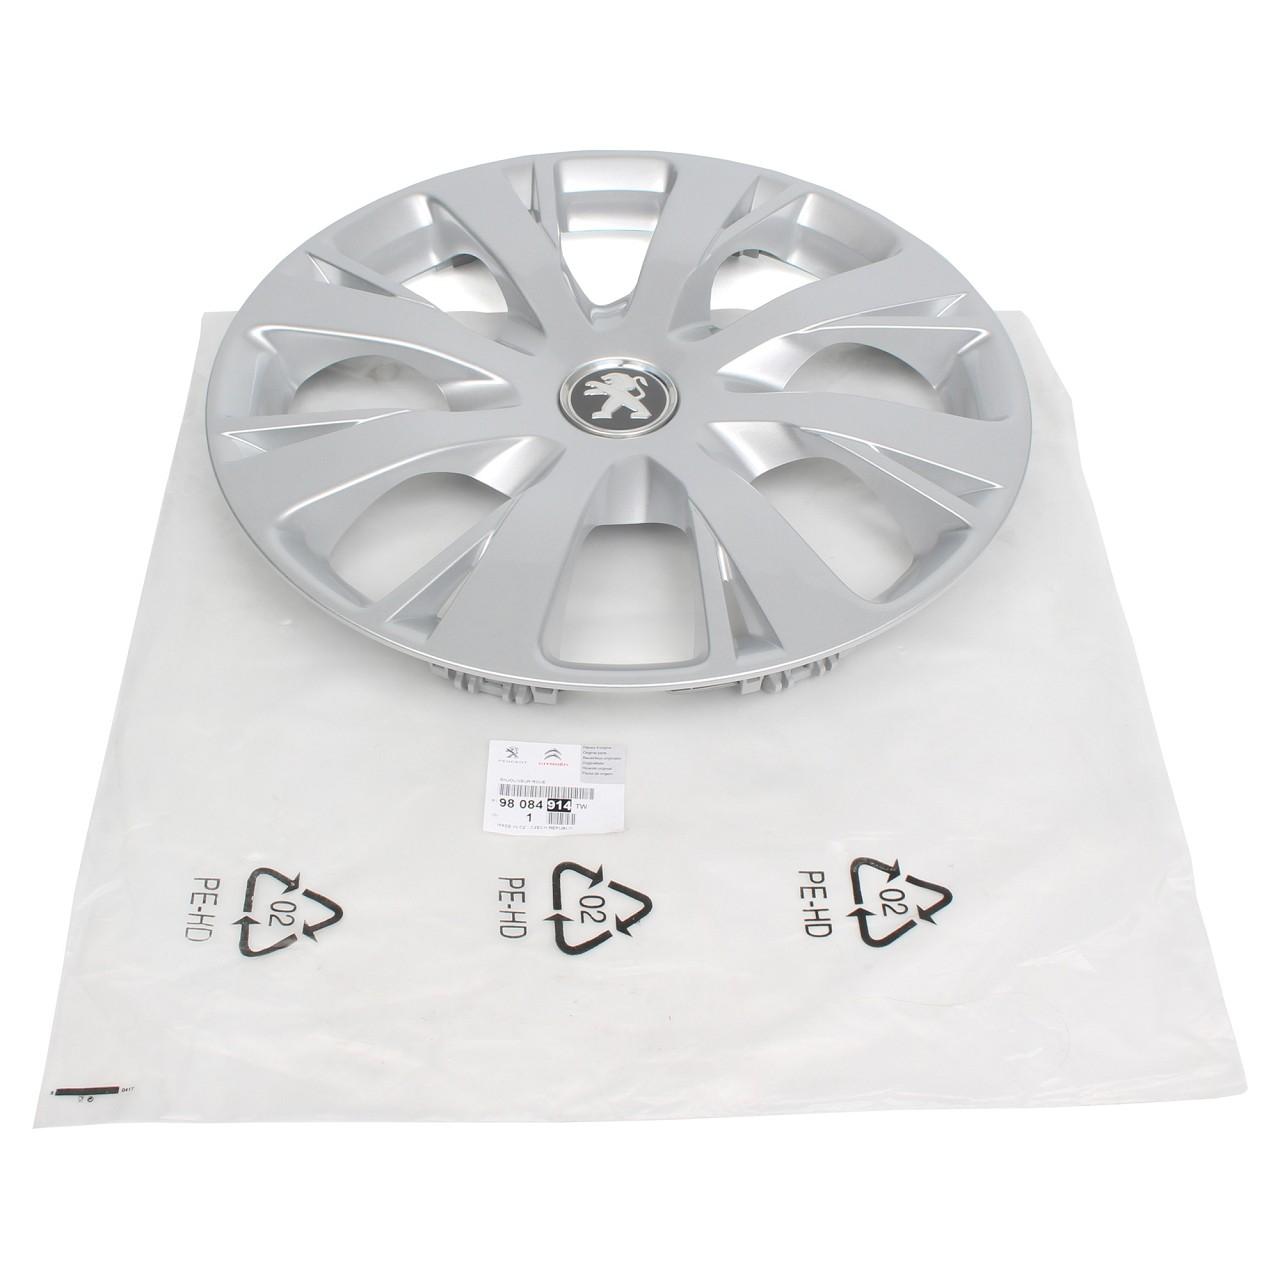 ORIGINAL Peugeot Radkappe Radblende SILBER 15 Zoll NIOBIUM 98084914TW für 208